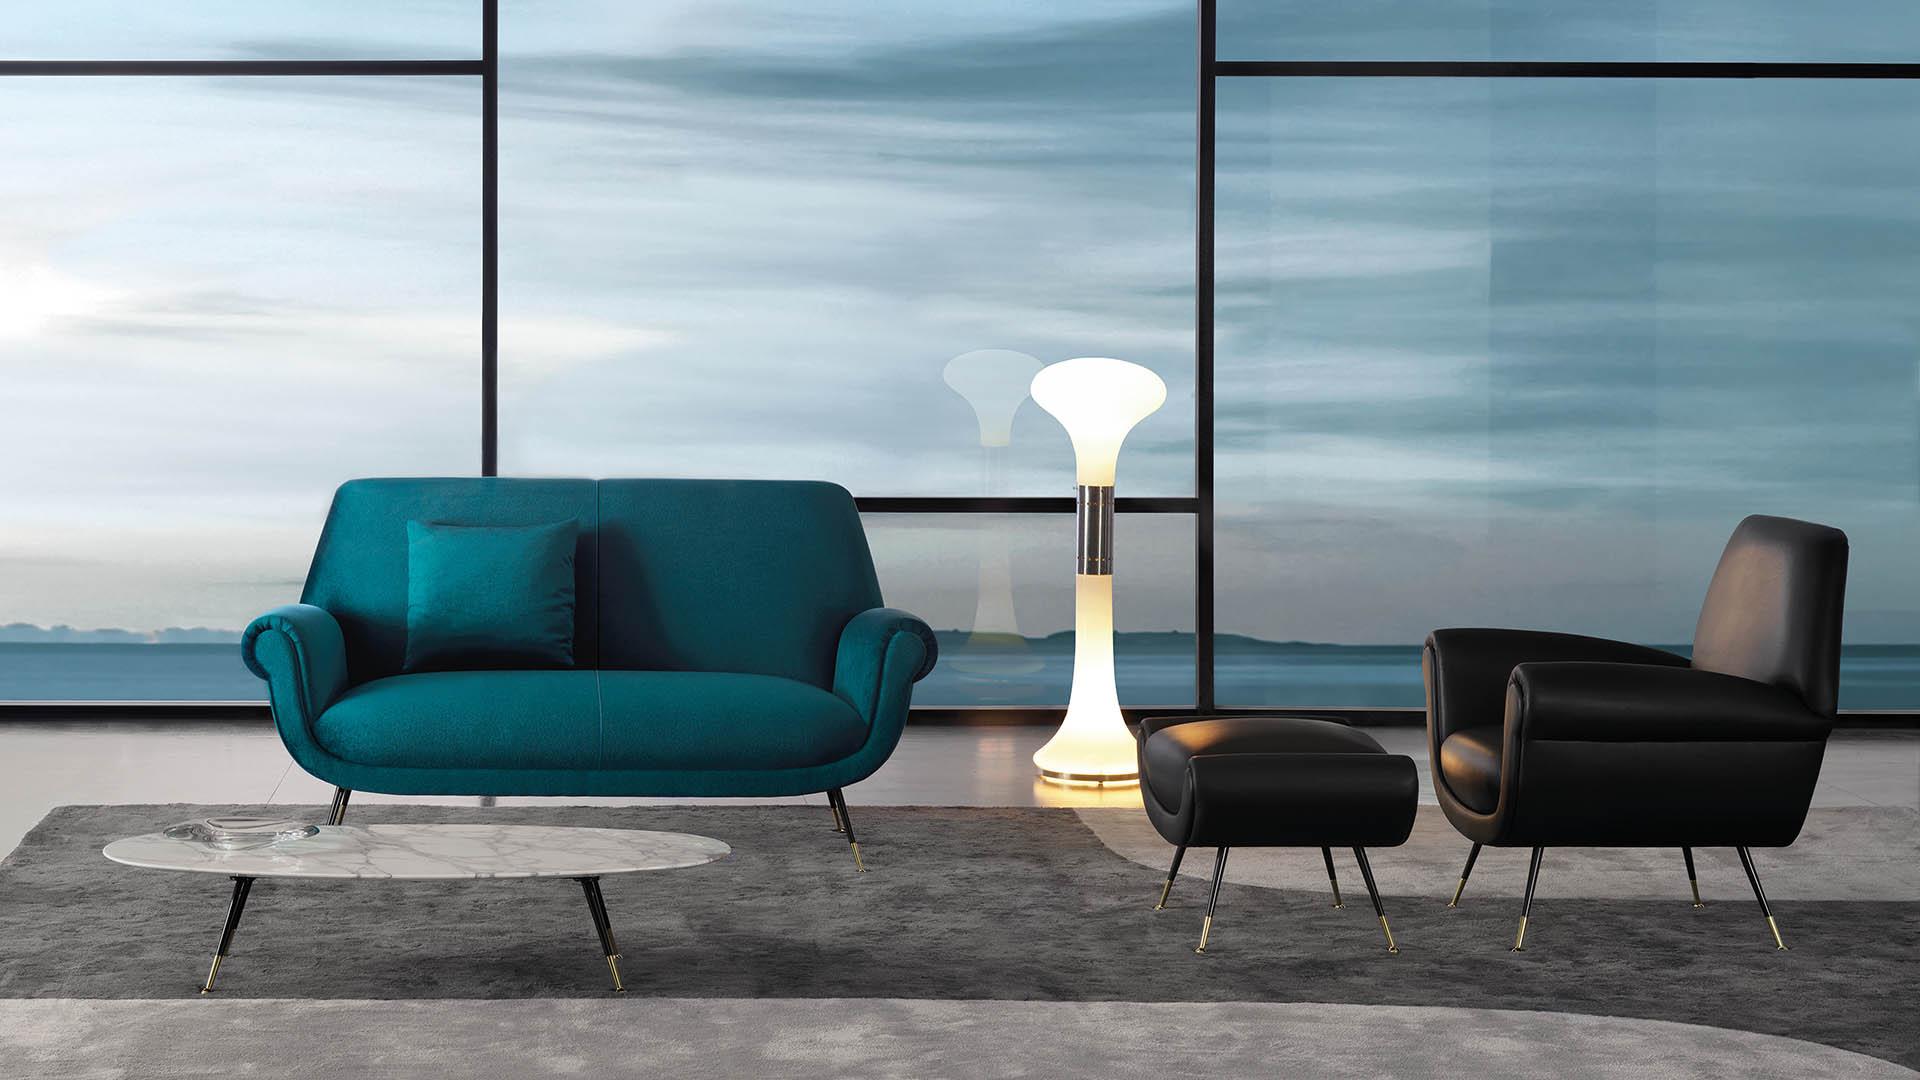 Wohnzimmer mit Sofa und Lichtinstallation.